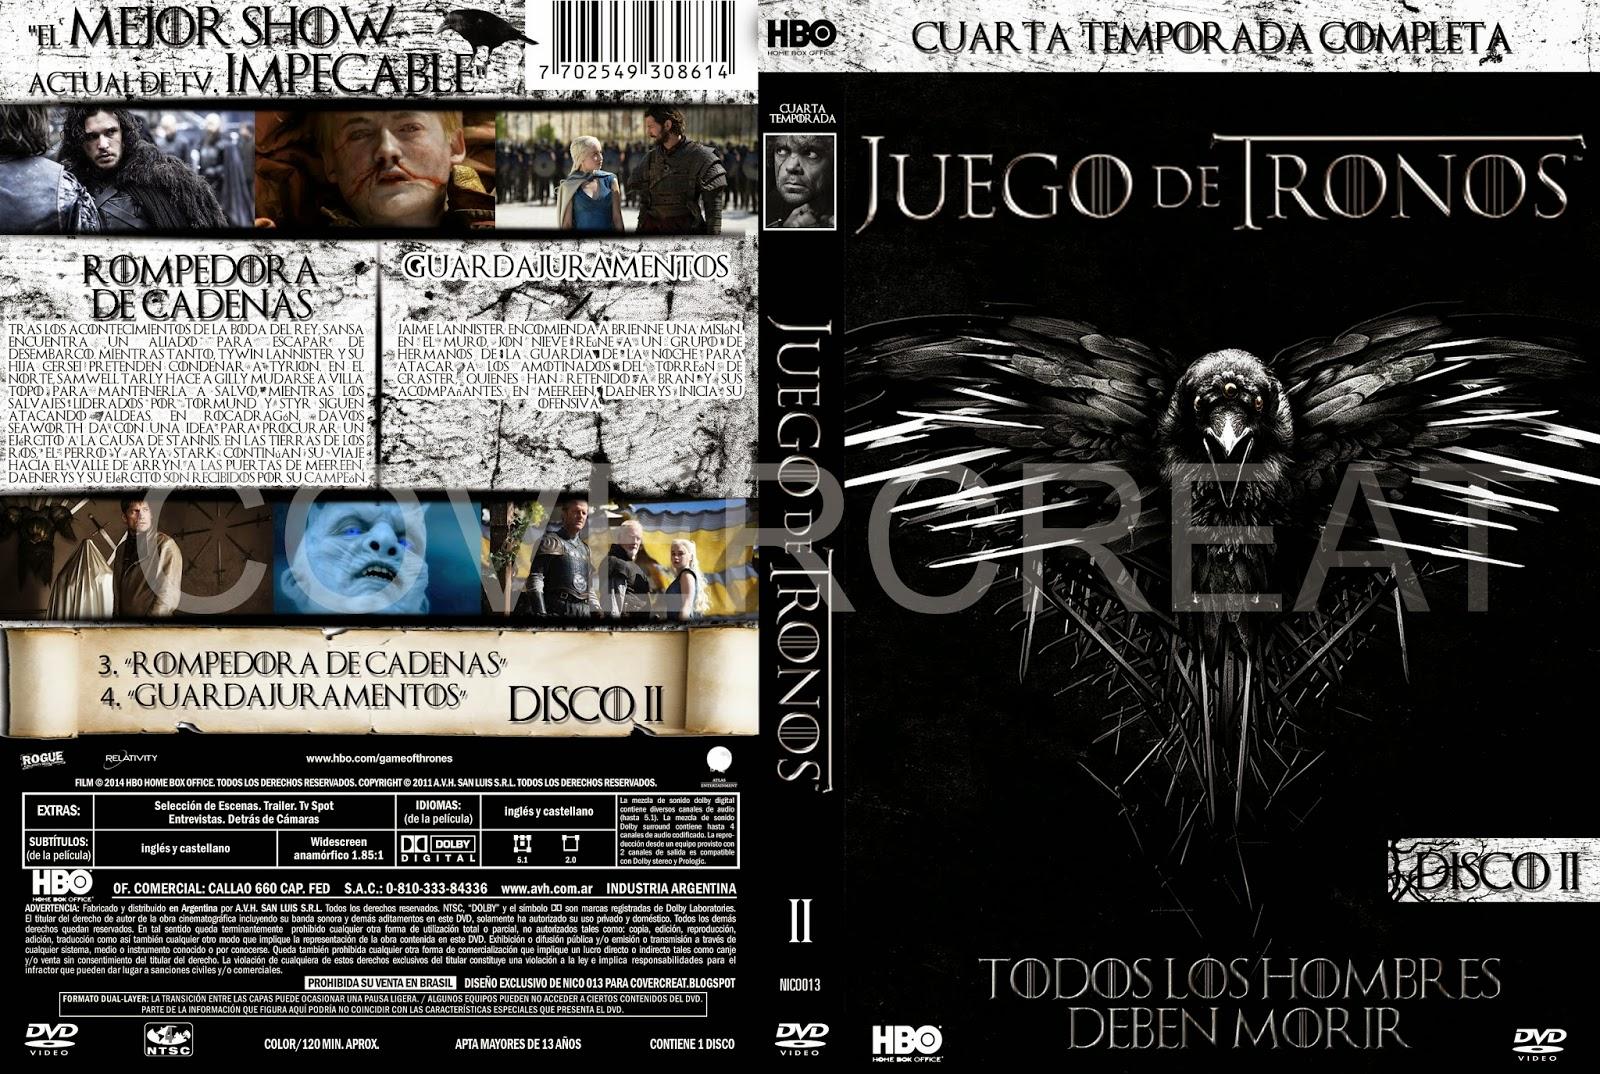 COVERCARATULAS DE DVD - CD COVERCREATORS: JUEGO DE TRONOS ...